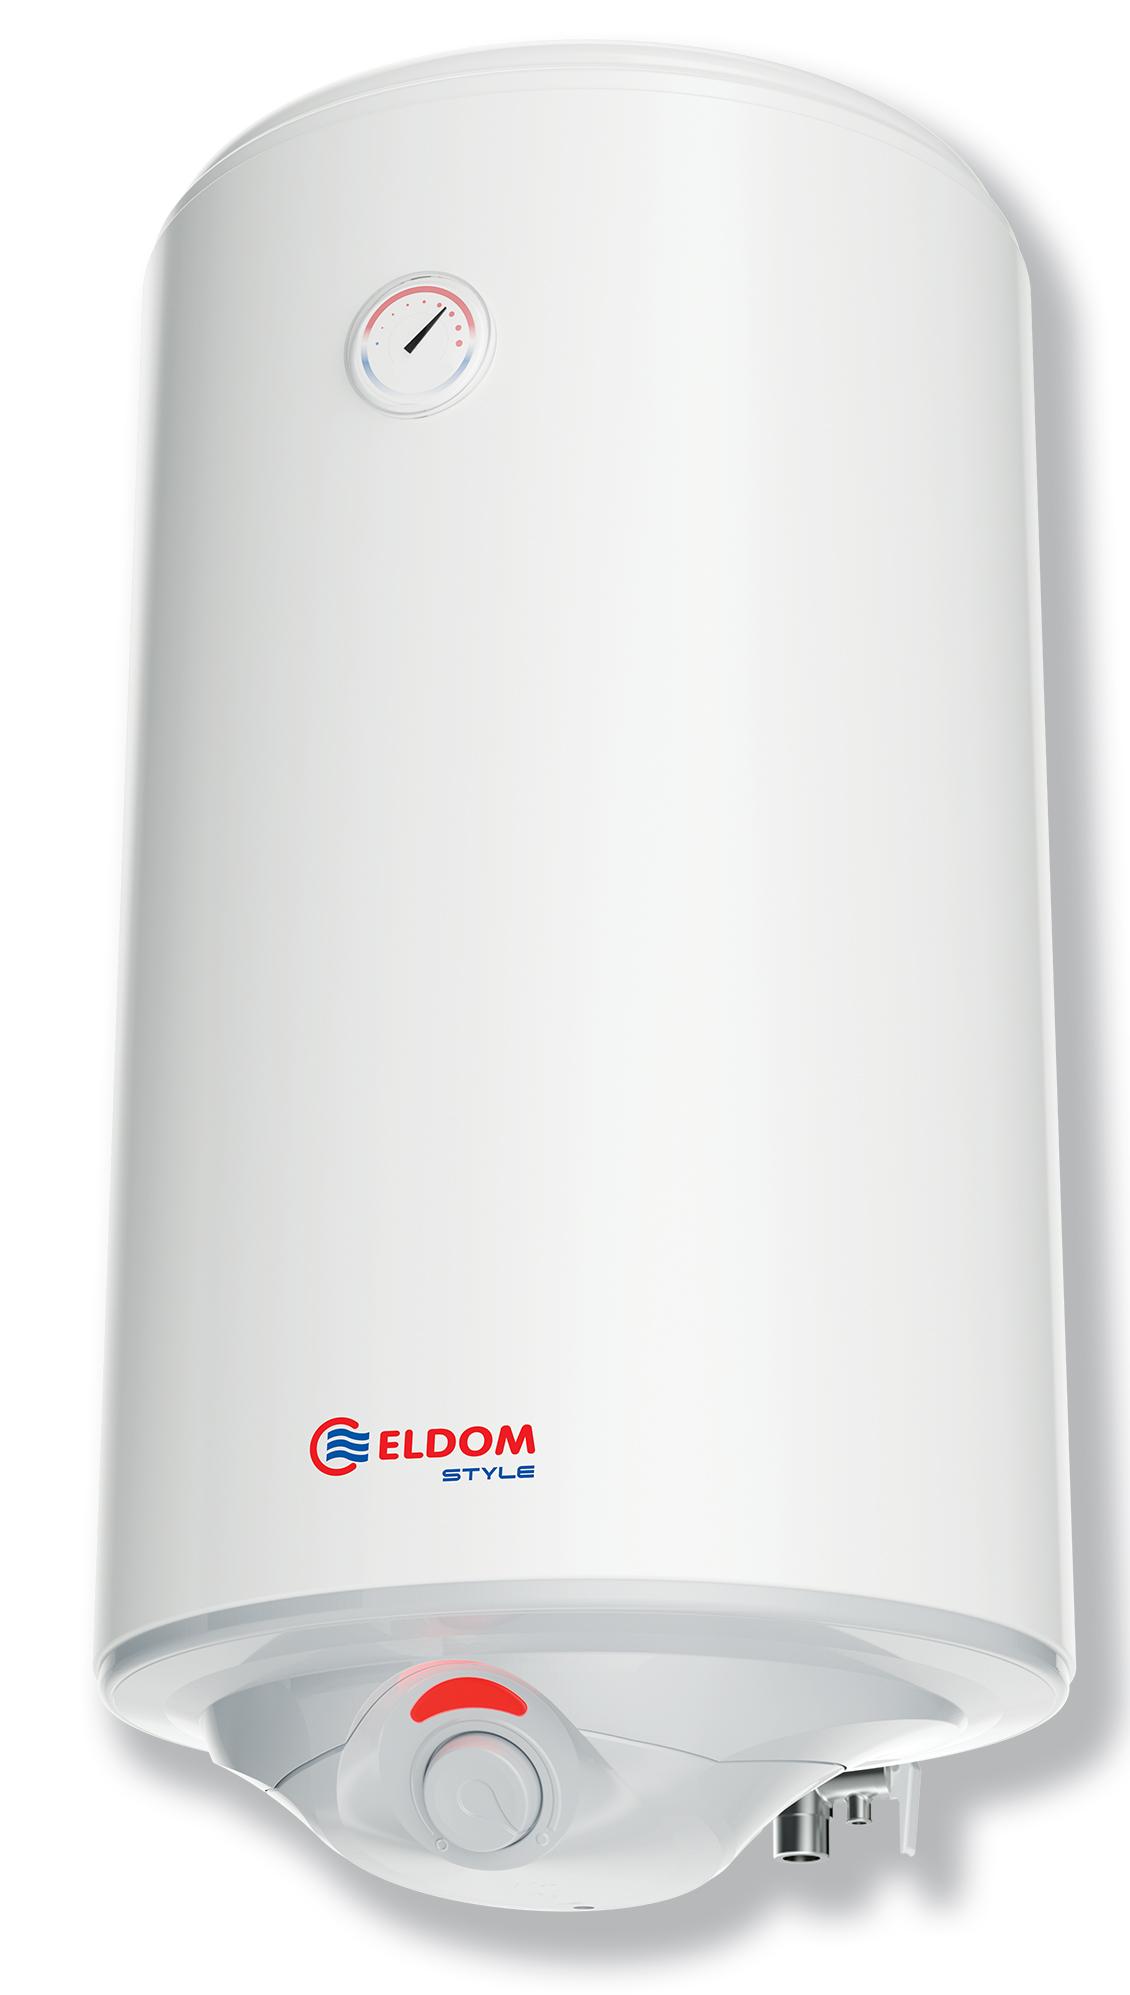 Warmwasserspeicher Eldom Style 80 Liter druckfest